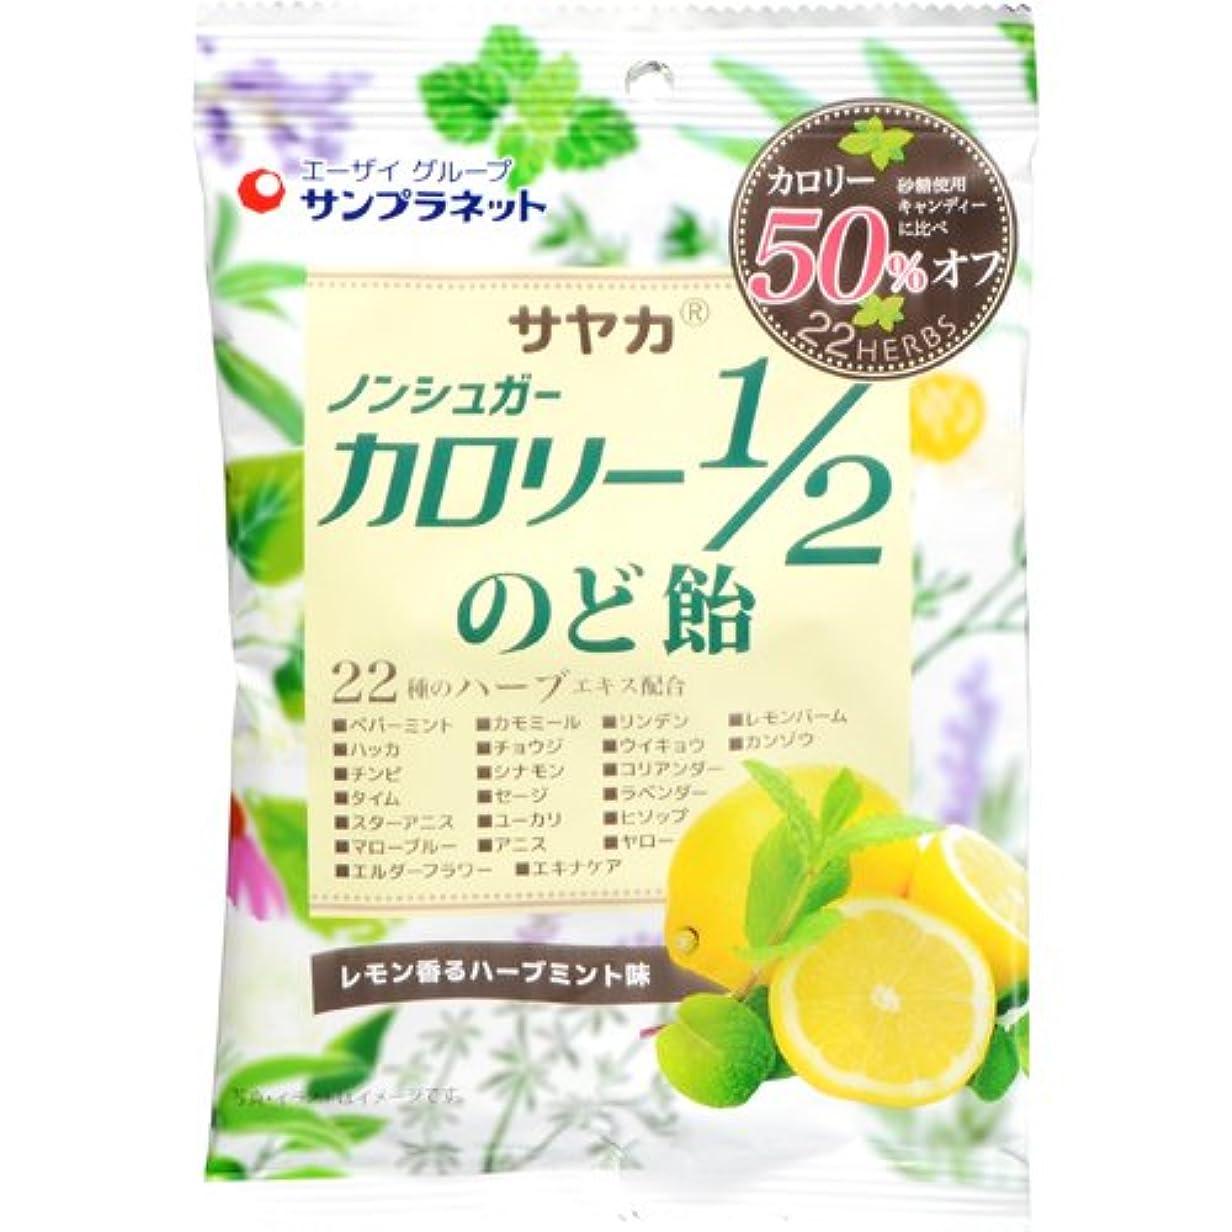 パンツおしゃれな病なサンプラネット サヤカ ノンシュガー カロリー1/2 のど飴 55g